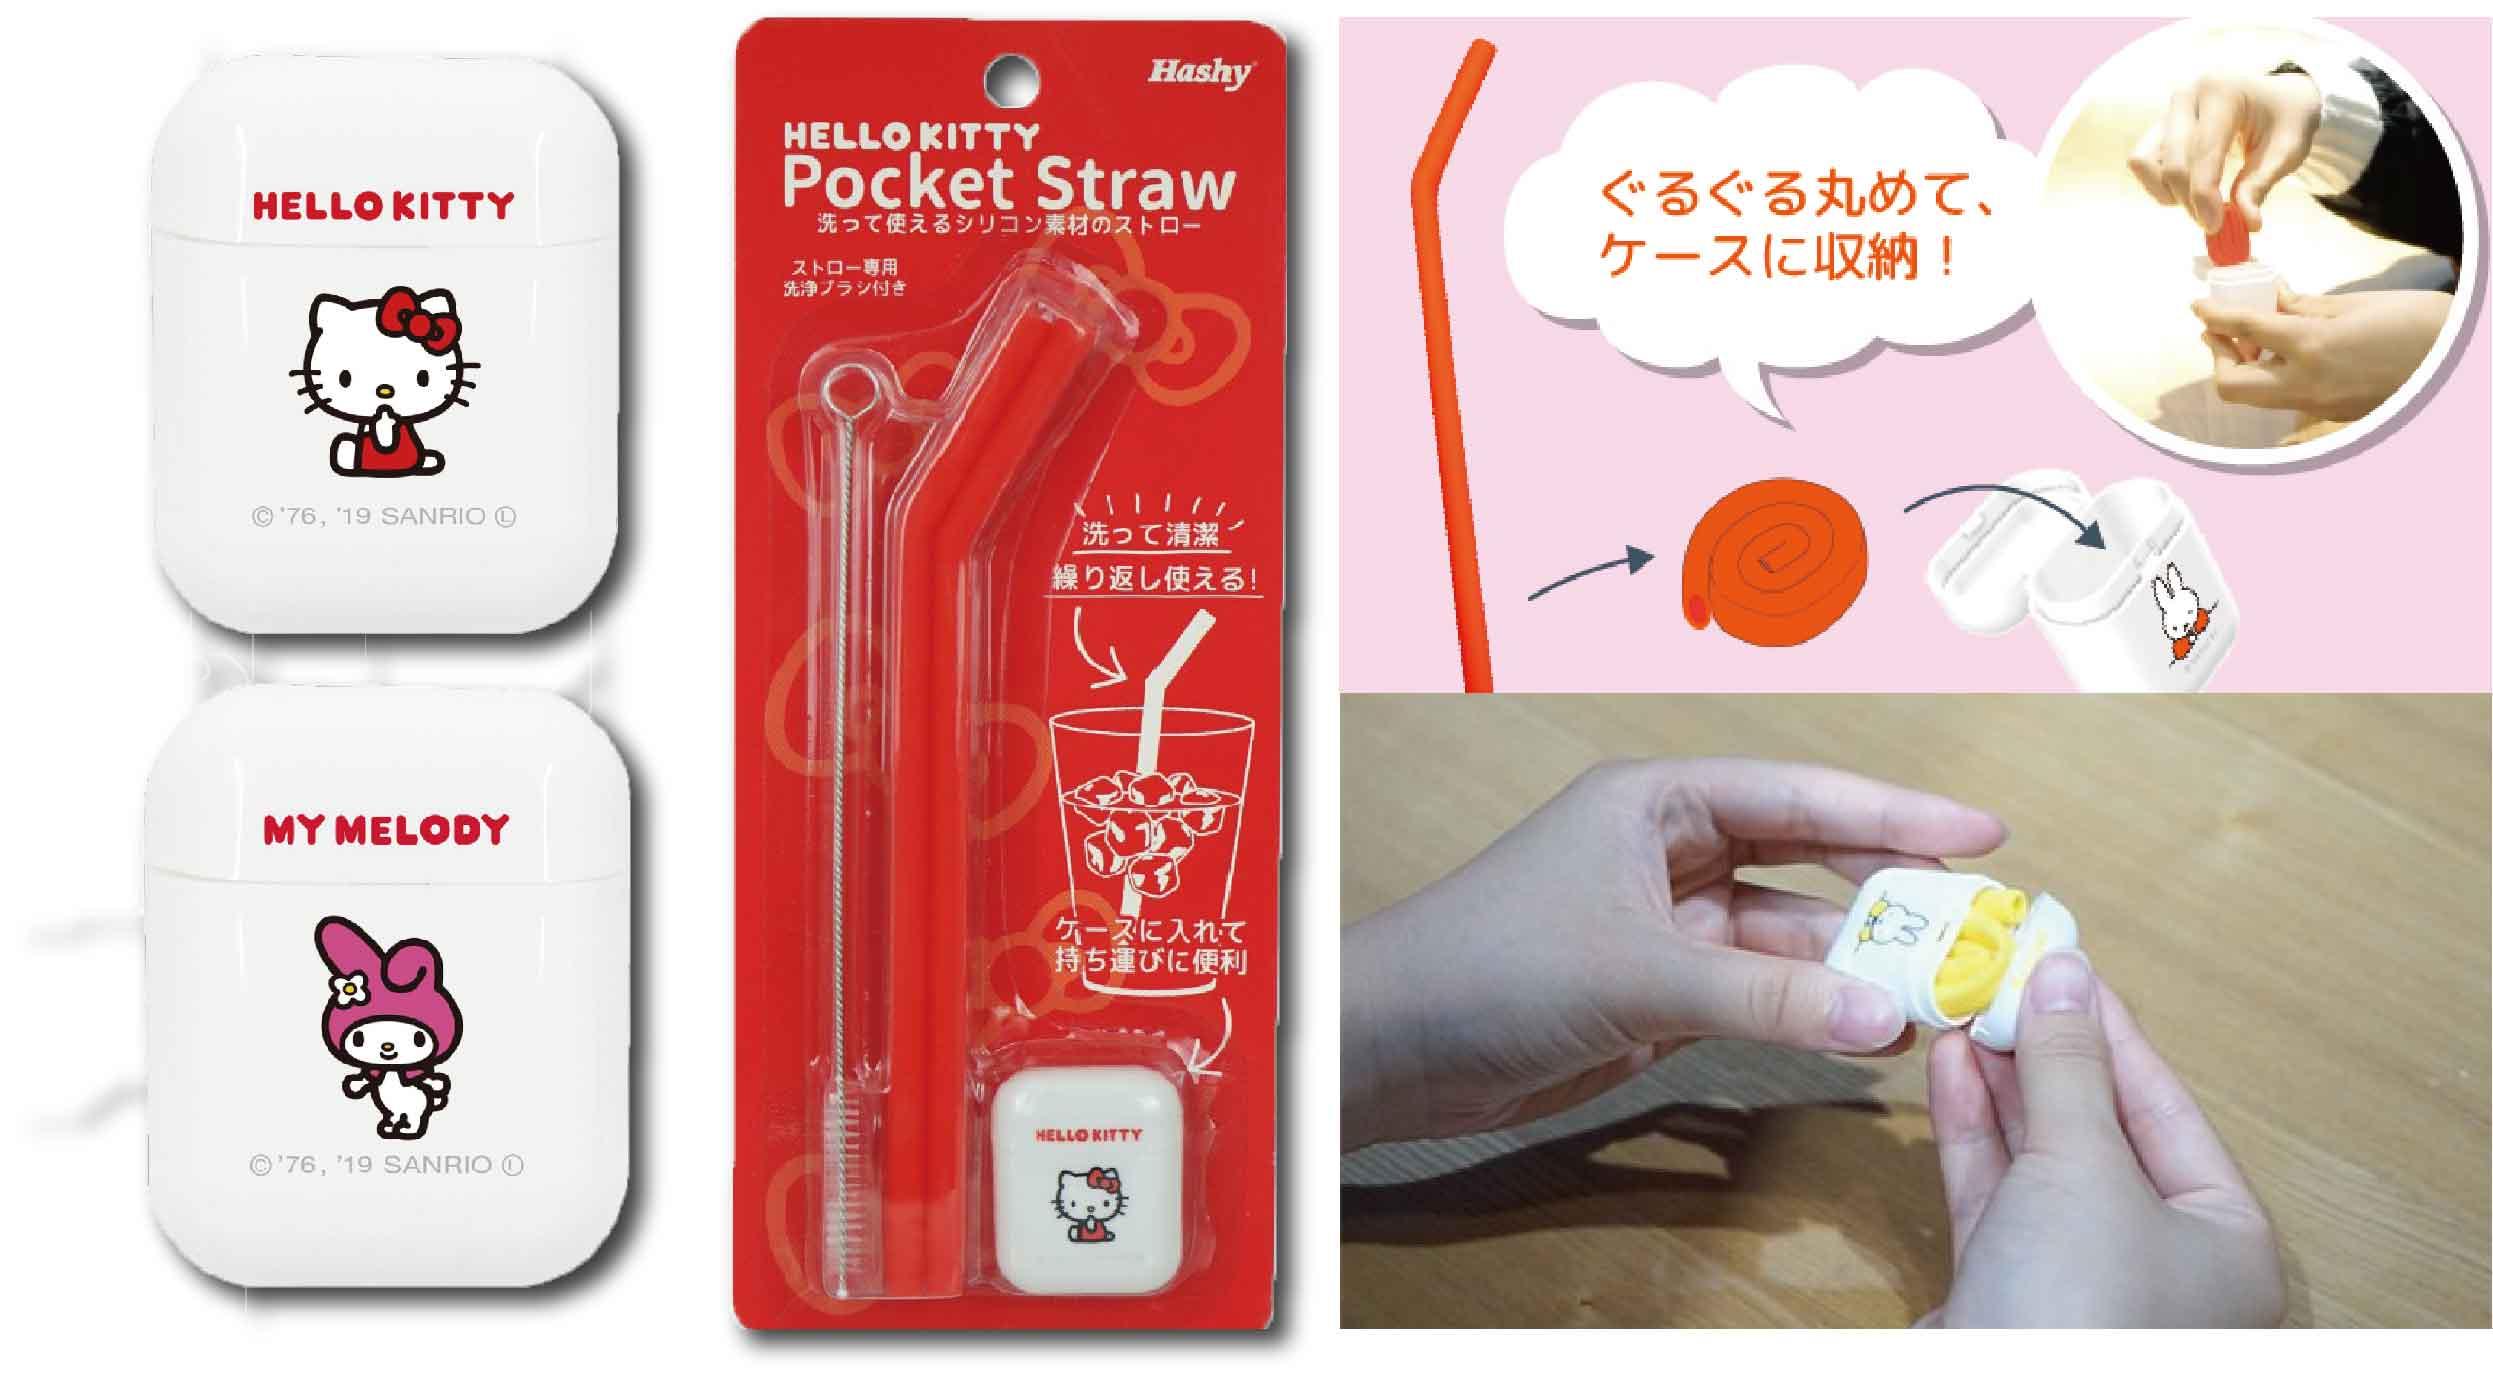 是Airpods還是環保吸管?日本品牌推出「折疊環保吸管」,Kitty、美樂蒂造型可愛翻